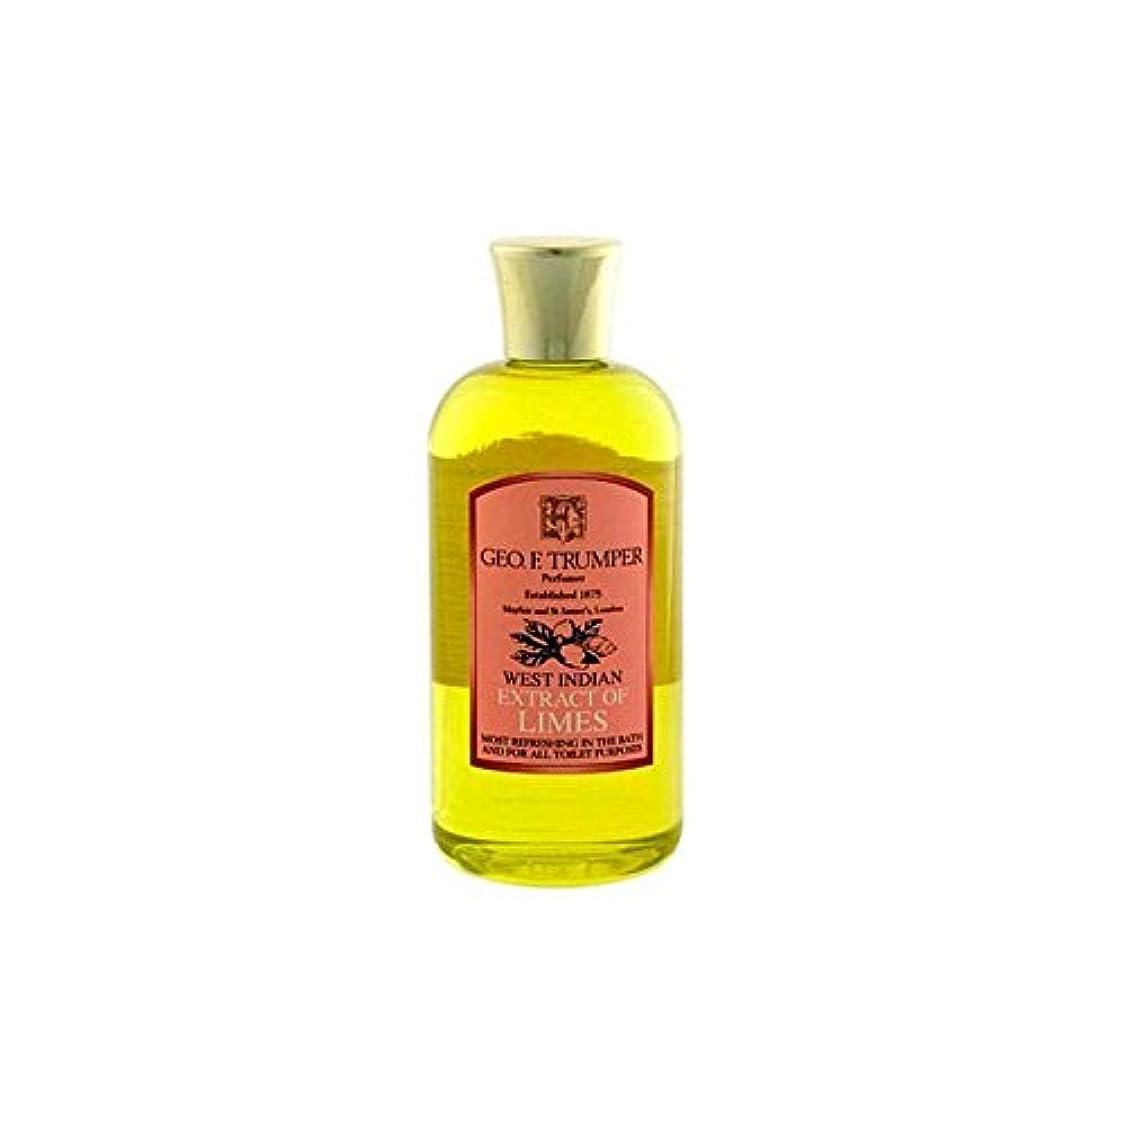 チャーミングアルバムあたたかいTrumpers Extracts of Limes Bath and Shower Gel 200ml (Pack of 6) - ライムのバスタブとシャワージェル200の抽出物を x6 [並行輸入品]